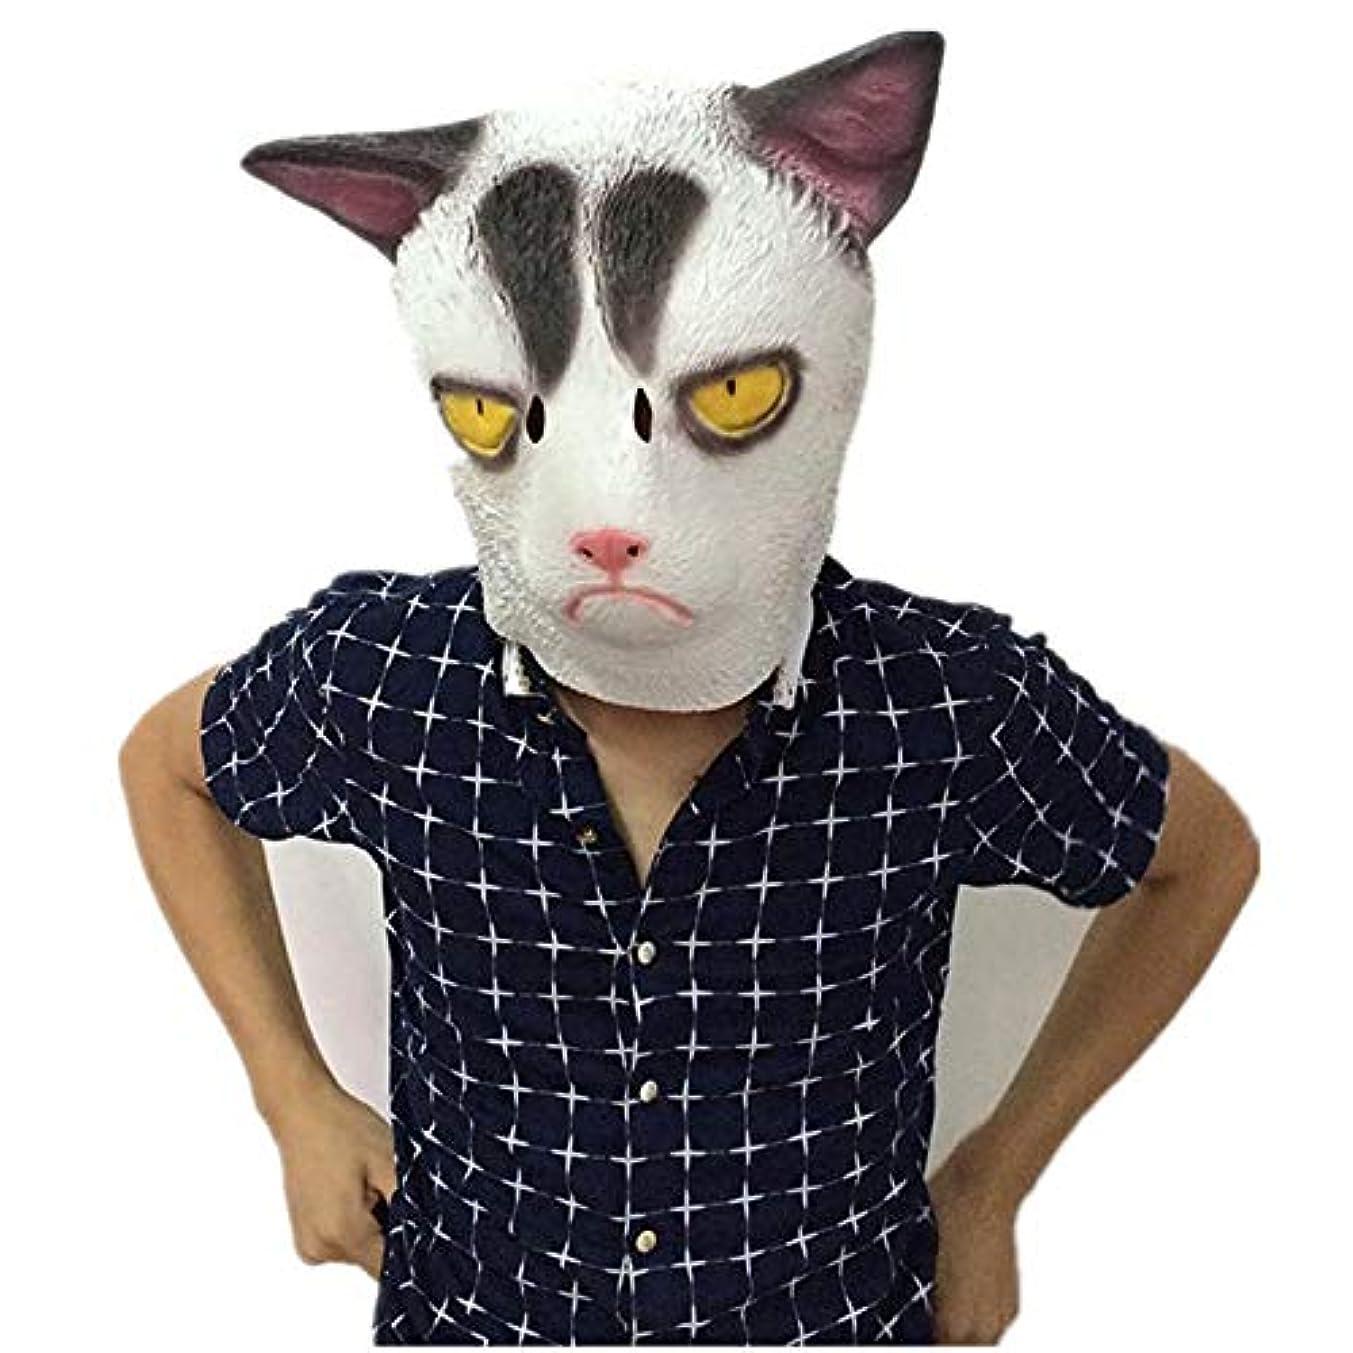 現象成功するリーハロウィーン彗星マンヘッドカバーアニマルマスク猫は不幸な猫妖精怒っている猫マスクのマスク